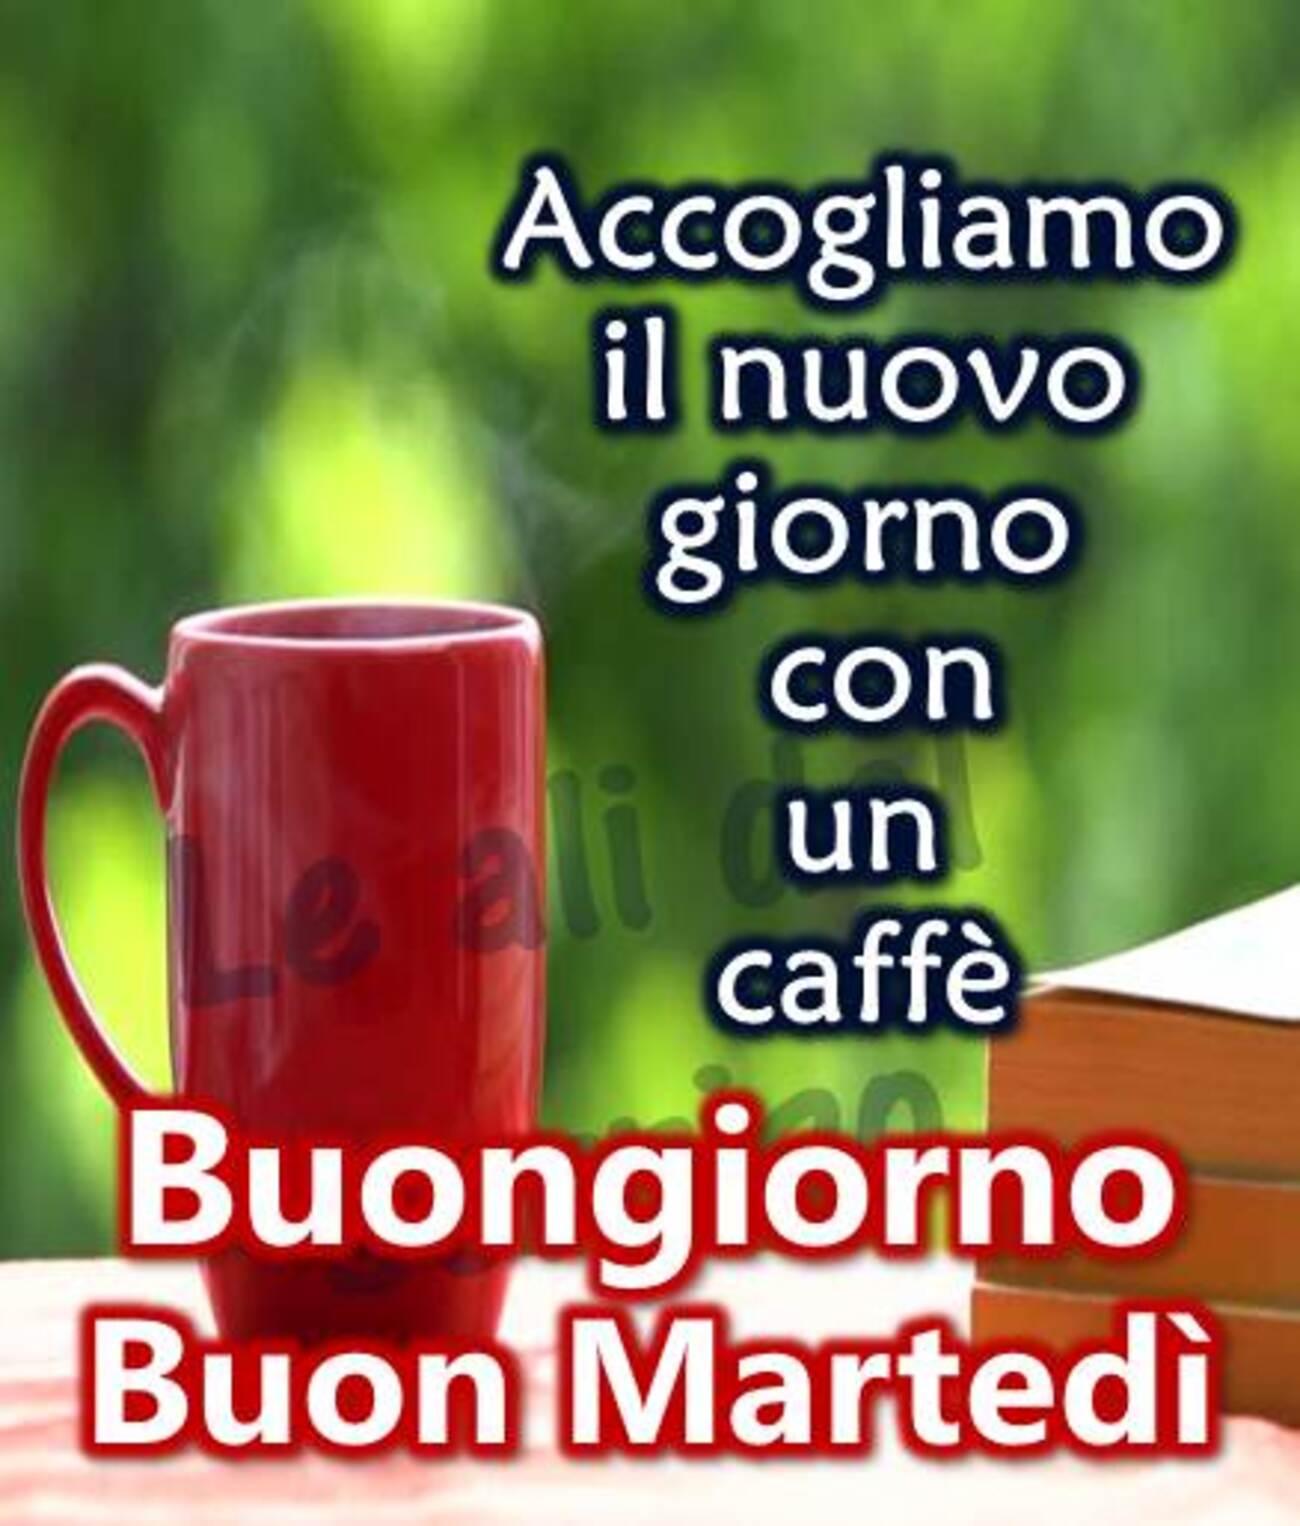 Accogliamo il nuovo giorno con un caffè Buongiorno Buon Martedì